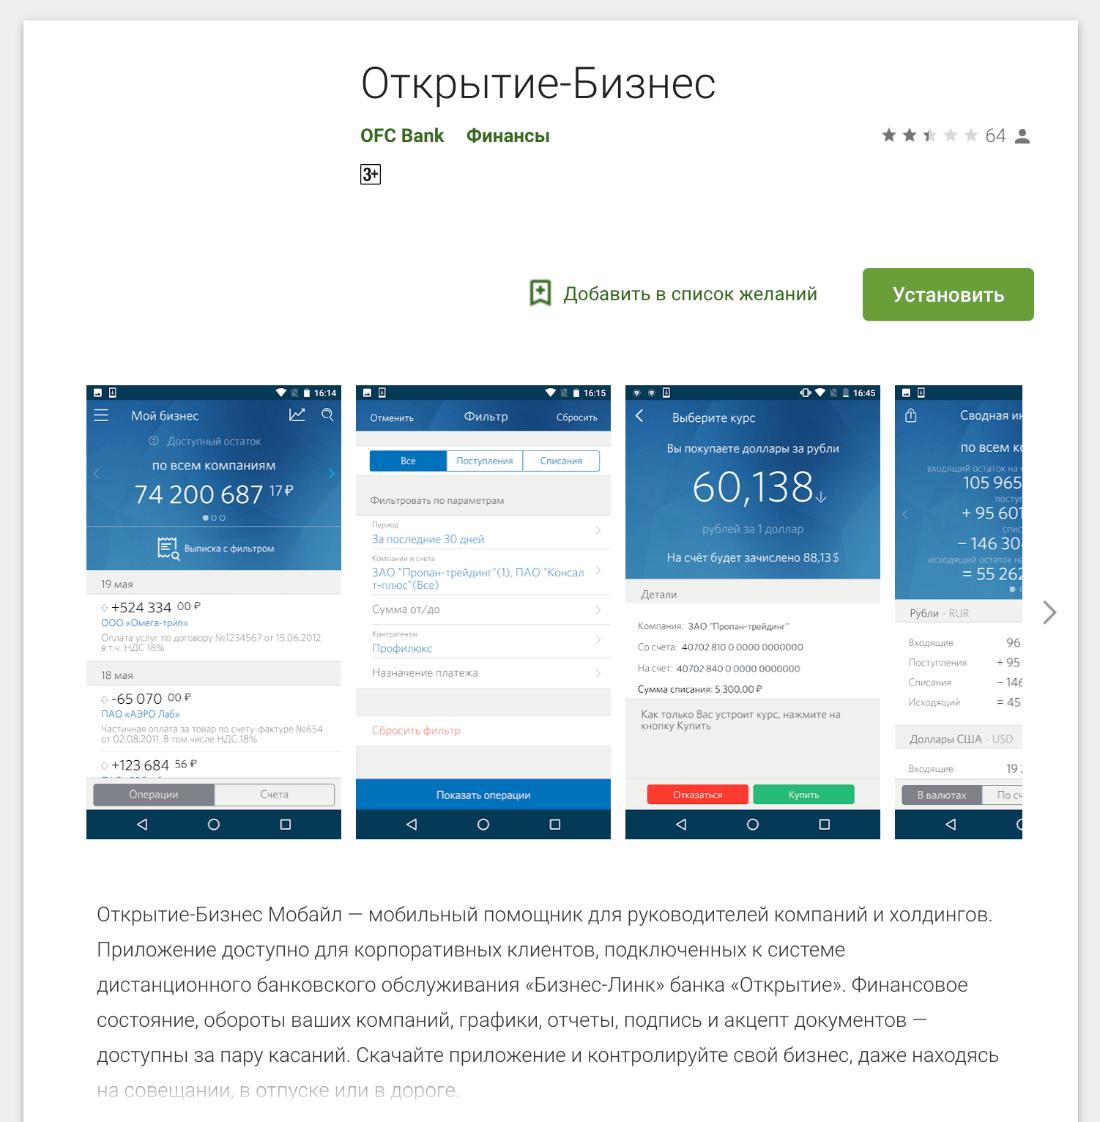 Мобильное приложение Открытие Бизнес Мобайл